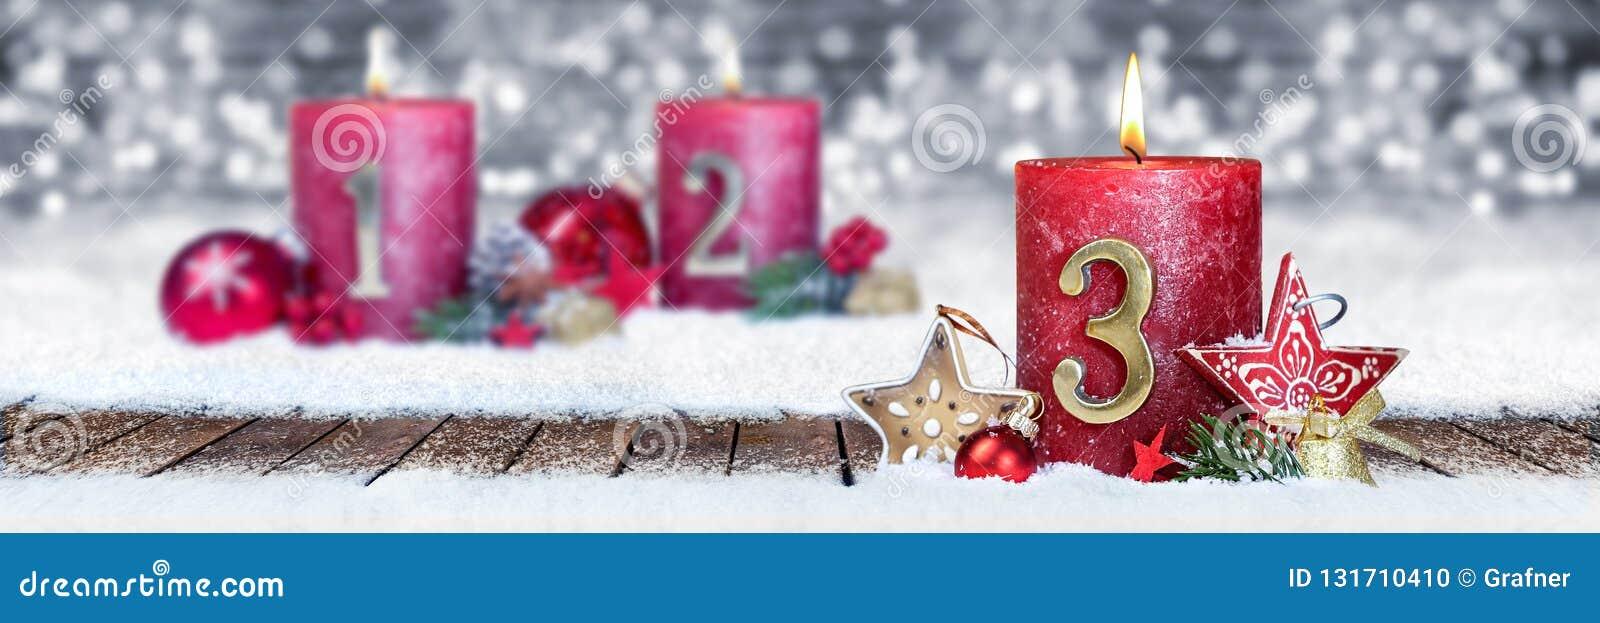 η τρίτη Κυριακή του κόκκινου κεριού εμφάνισης με το χρυσό αριθμό μετάλλων ένας στις ξύλινες σανίδες στο μέτωπο χιονιού του ασημέν